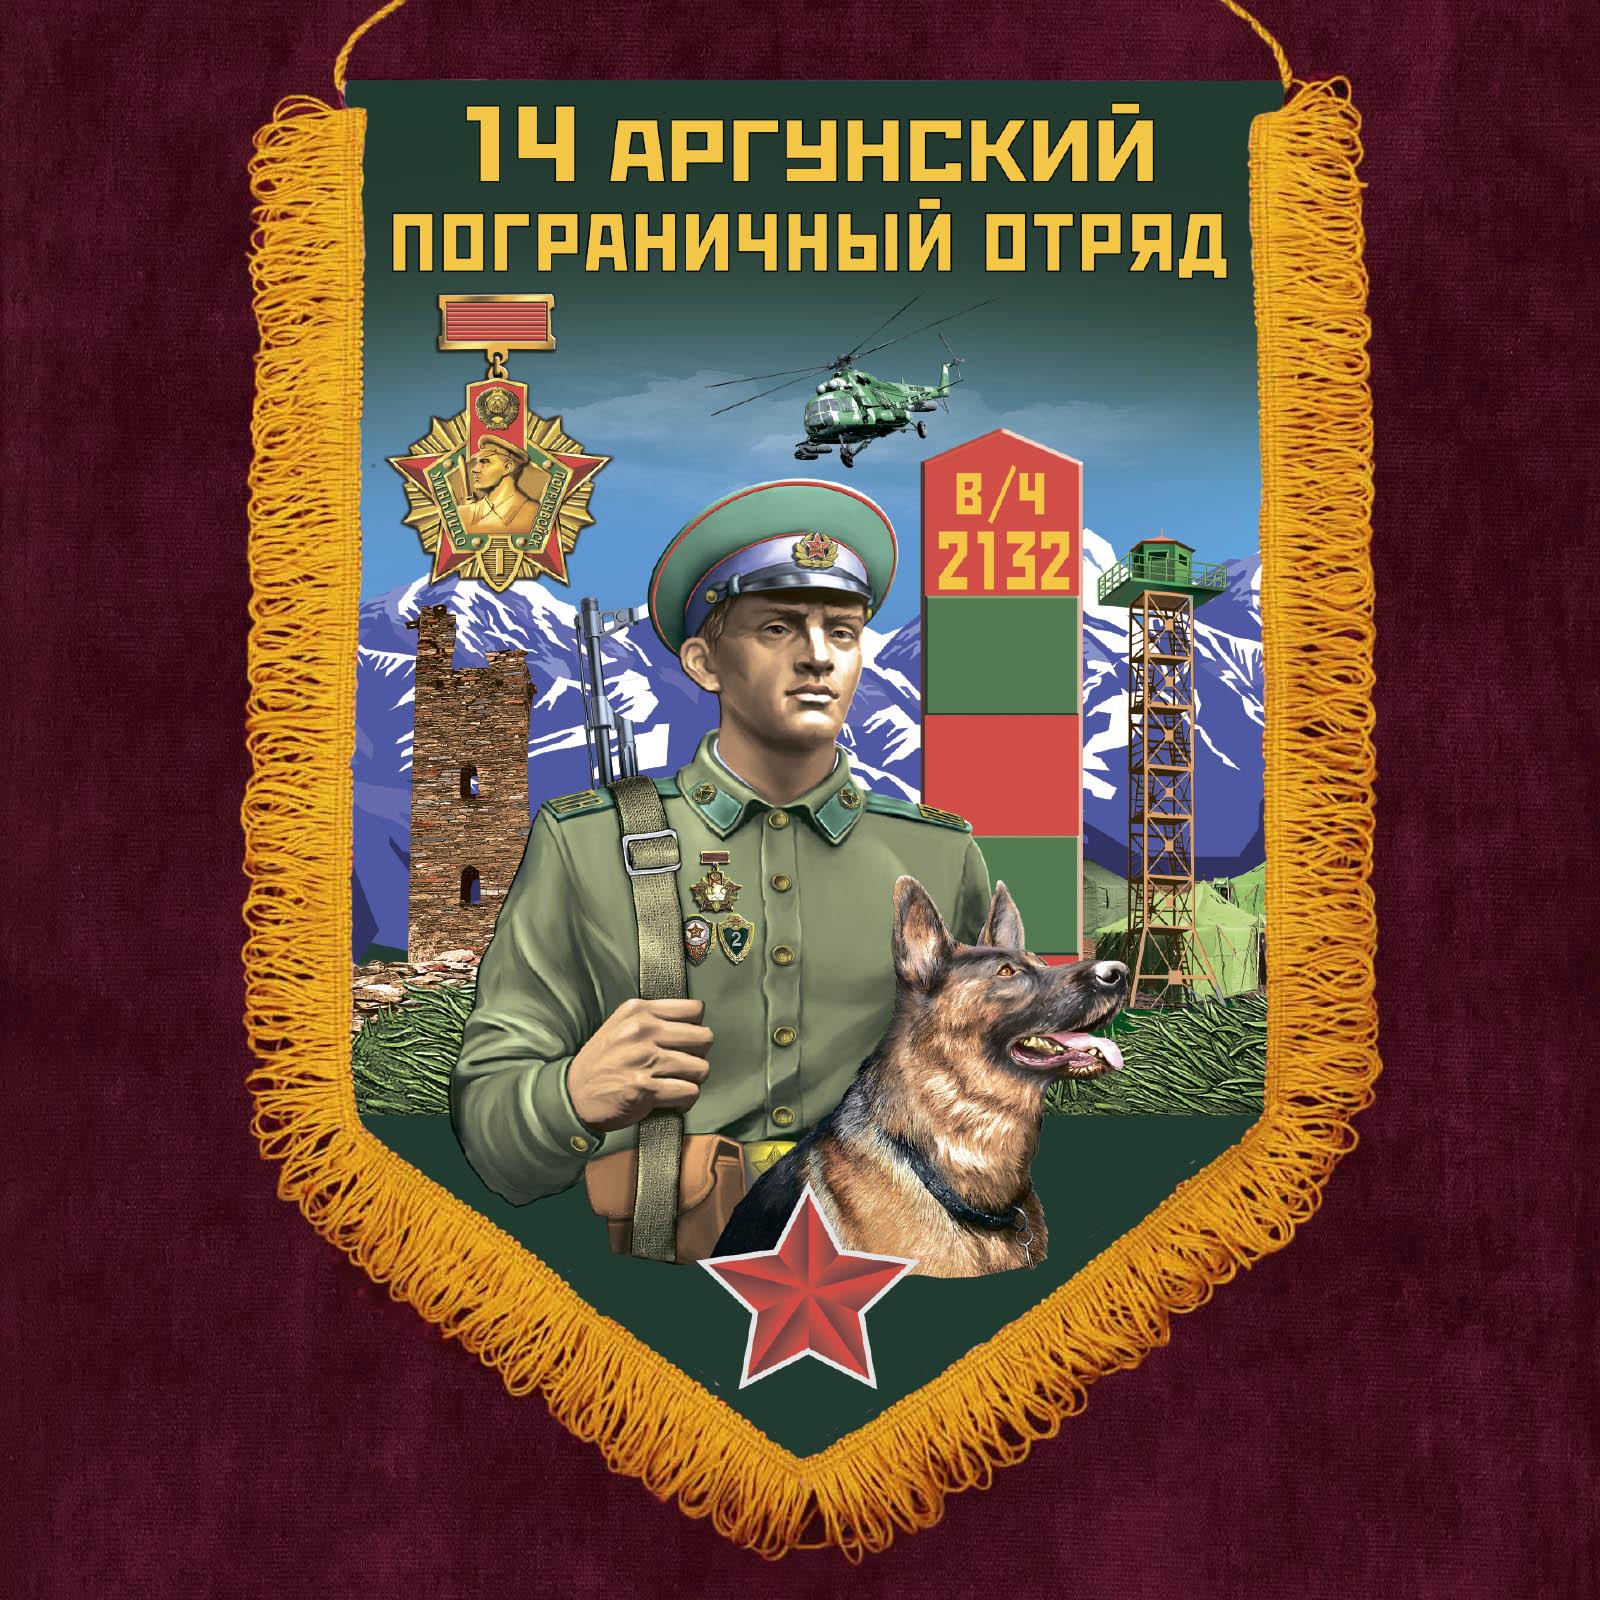 Наградной вымпел 14 Аргунский пограничный отряд